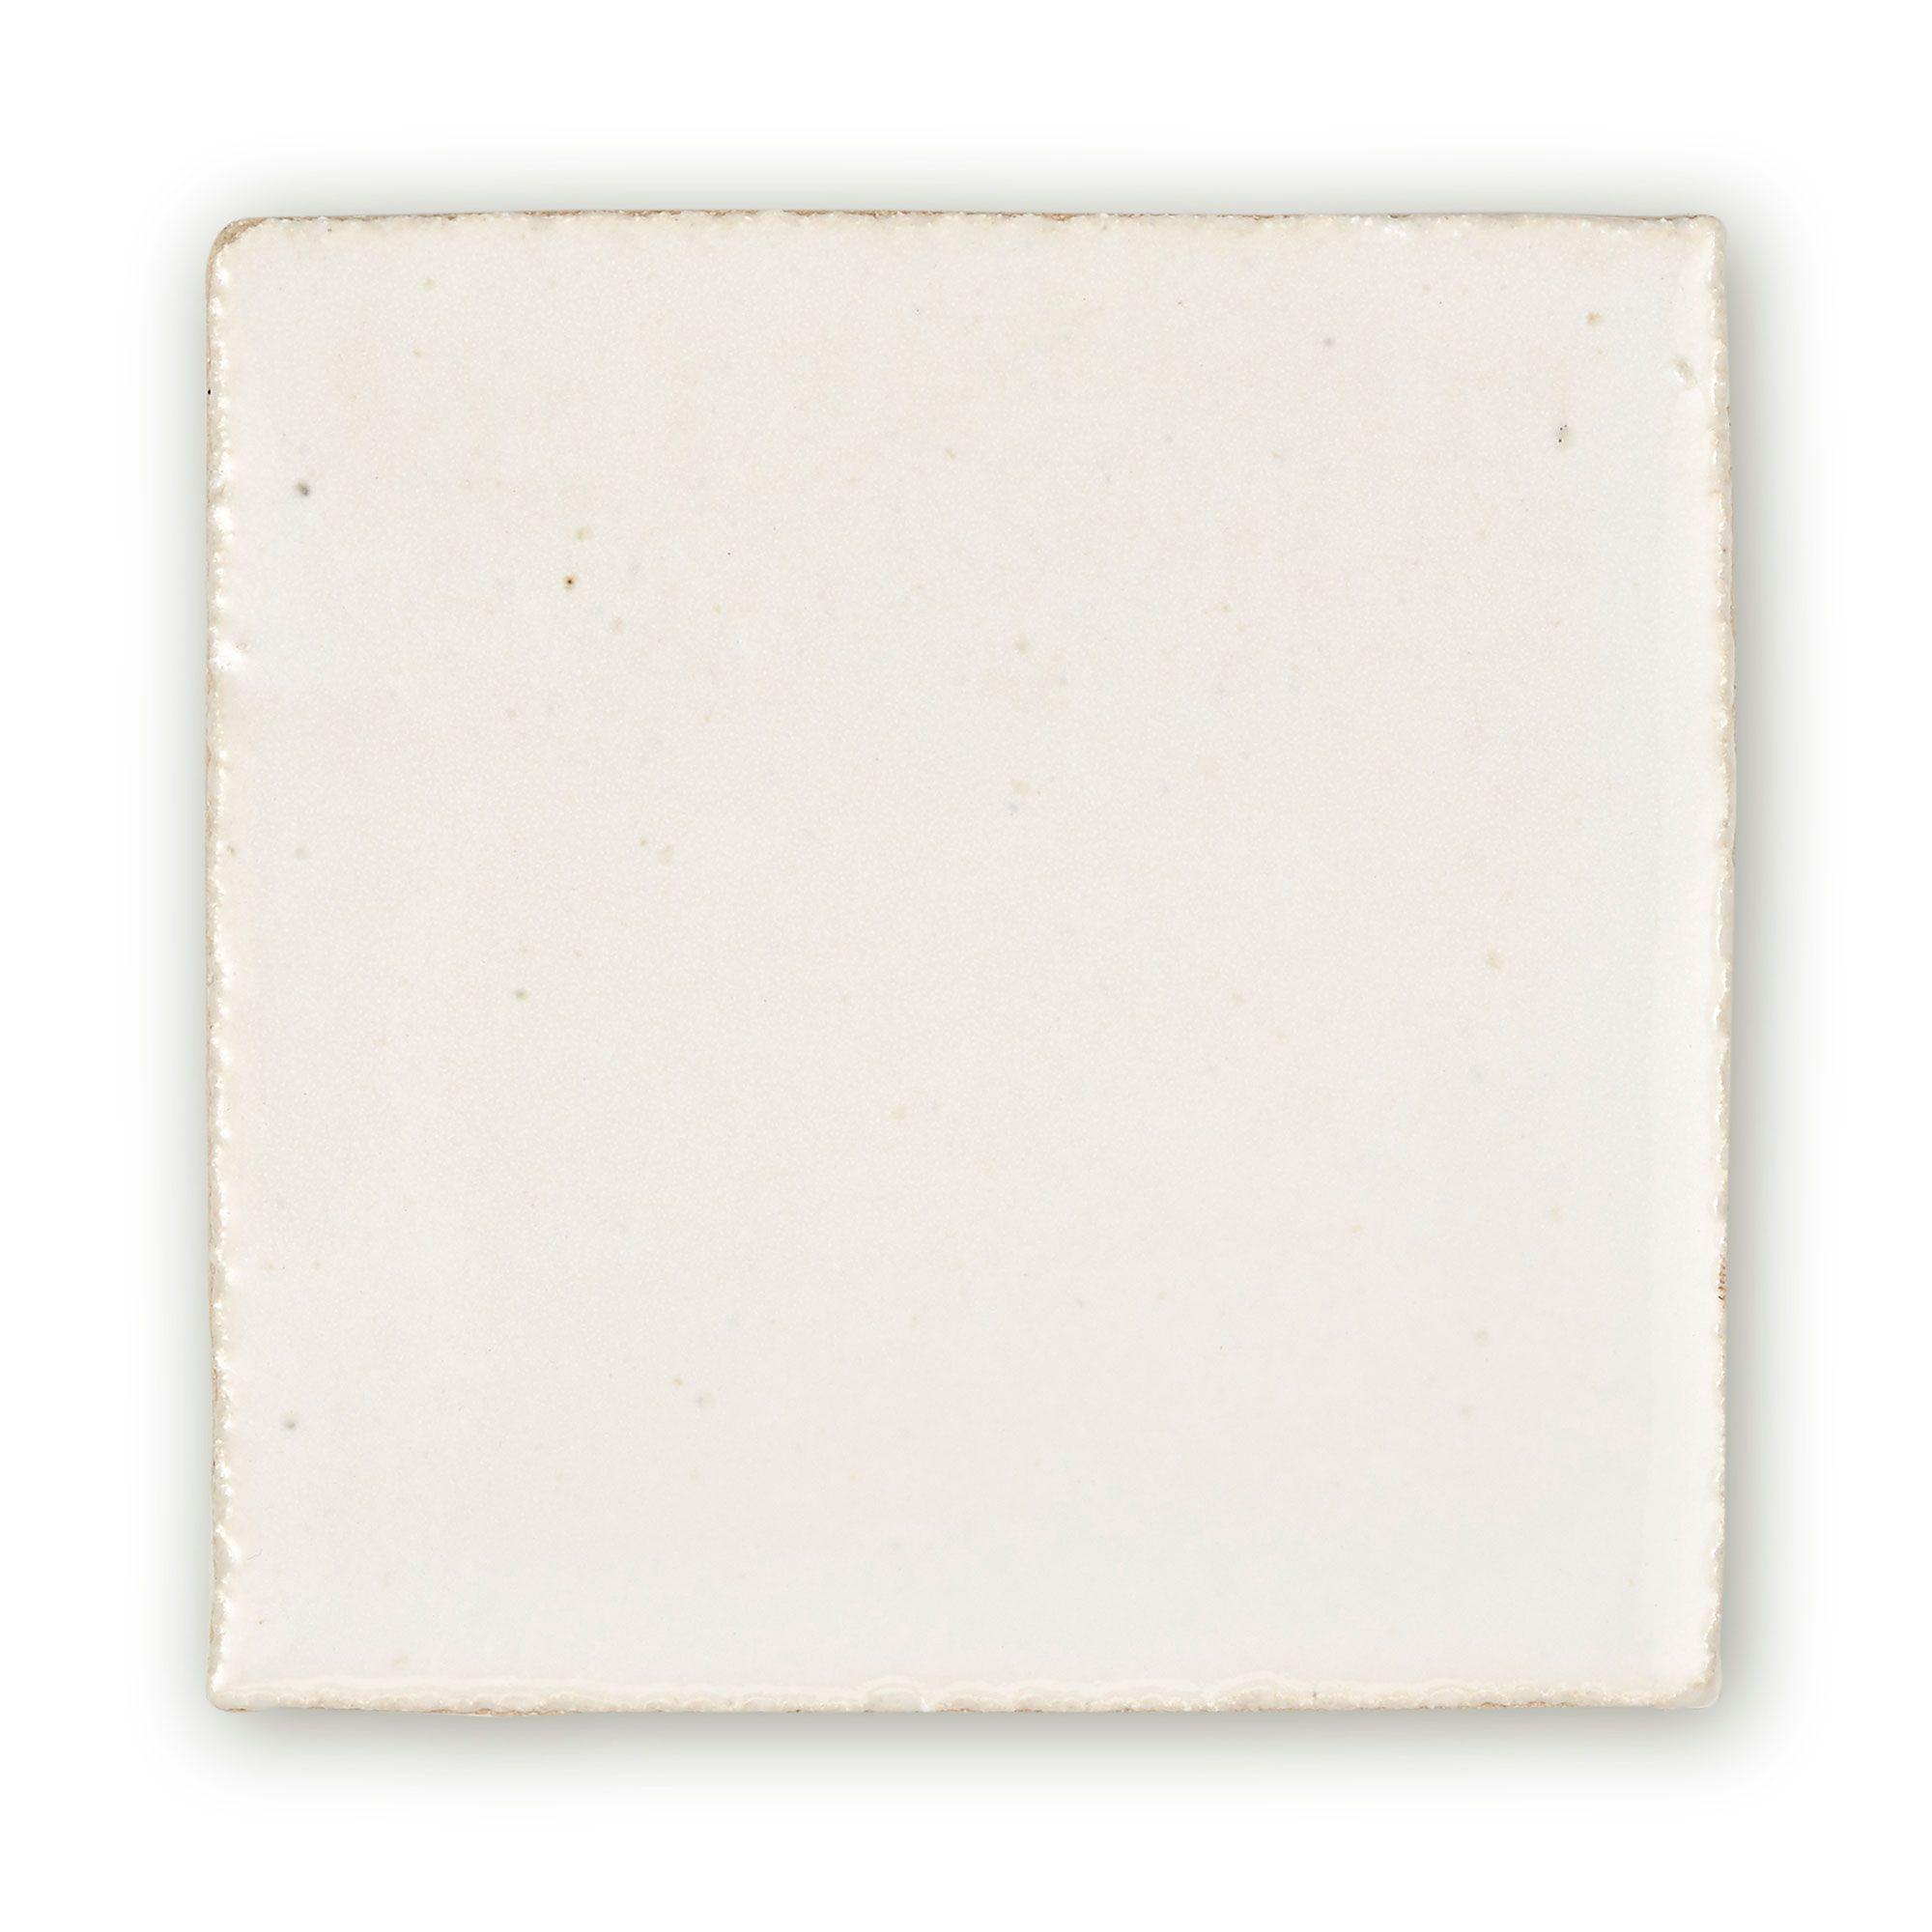 Stonelustre Ivory